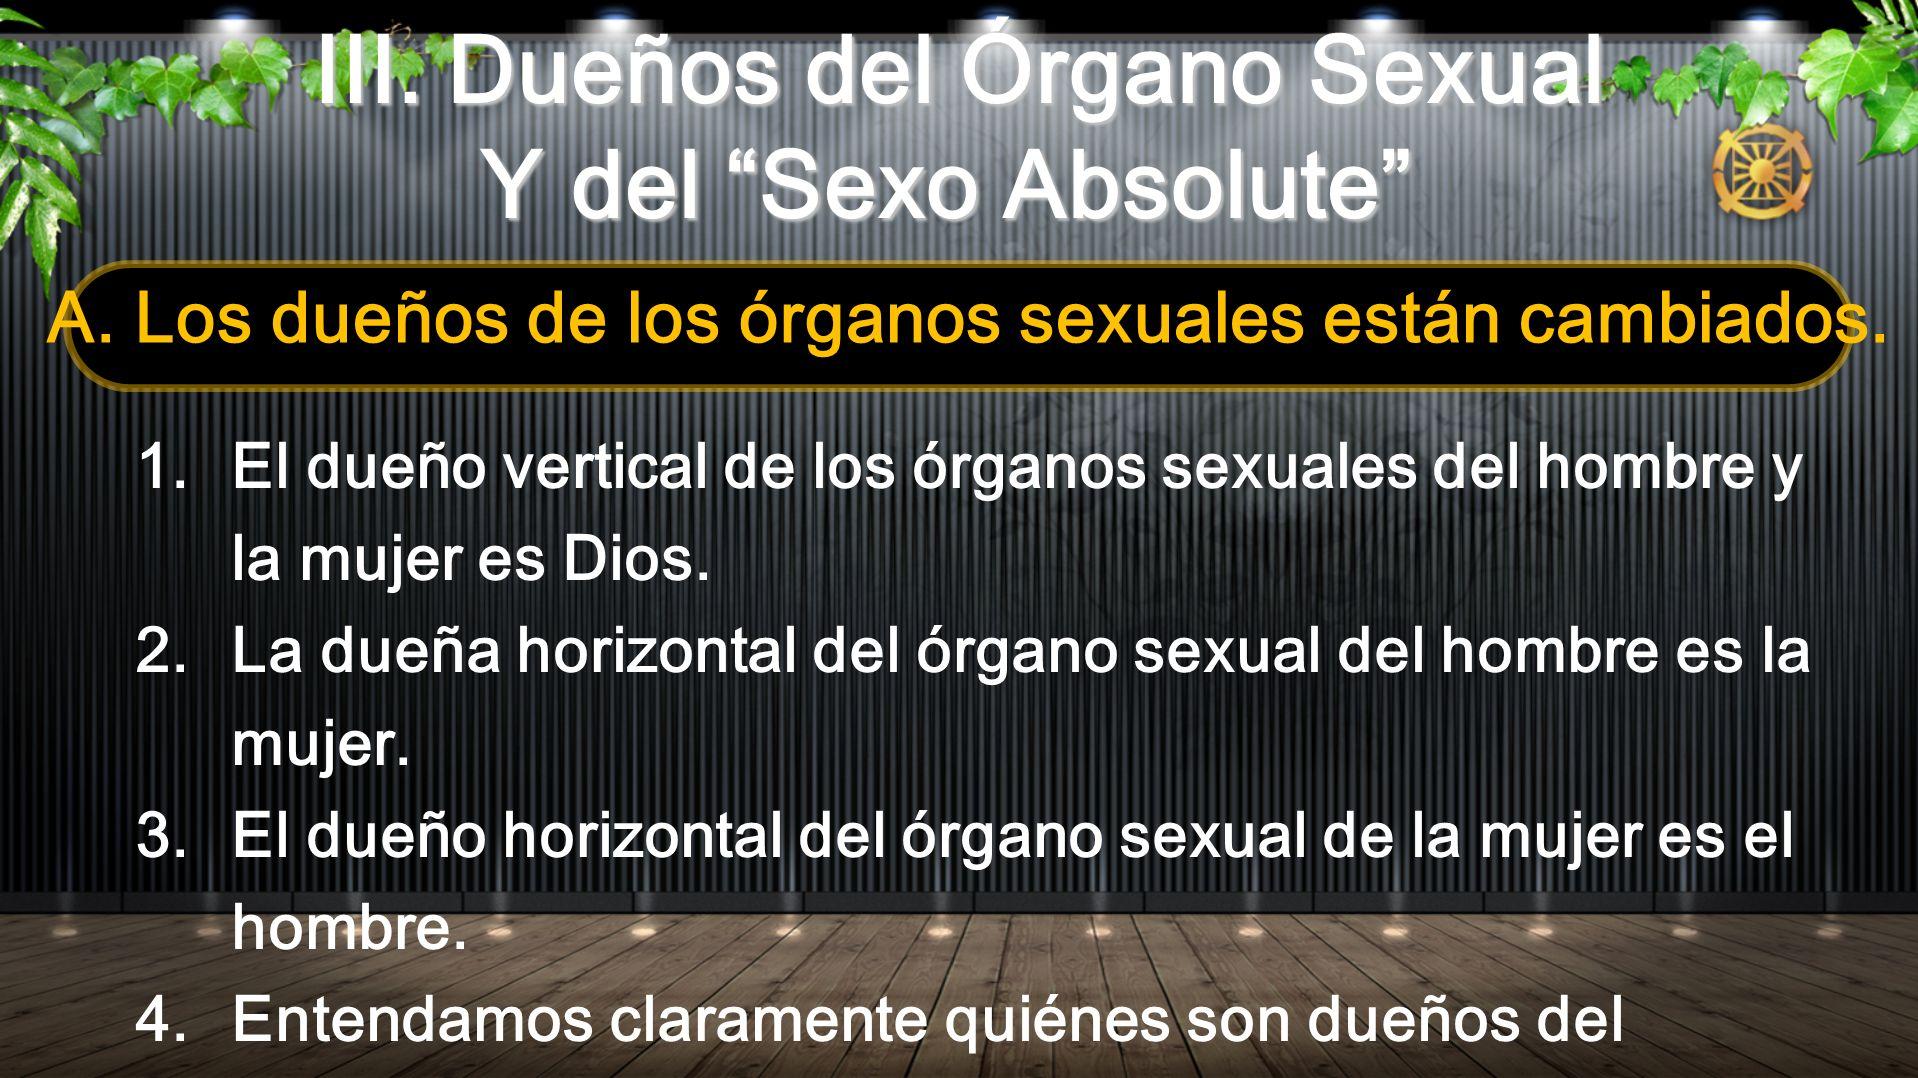 III. Dueños del Órgano Sexual Y del Sexo Absolute